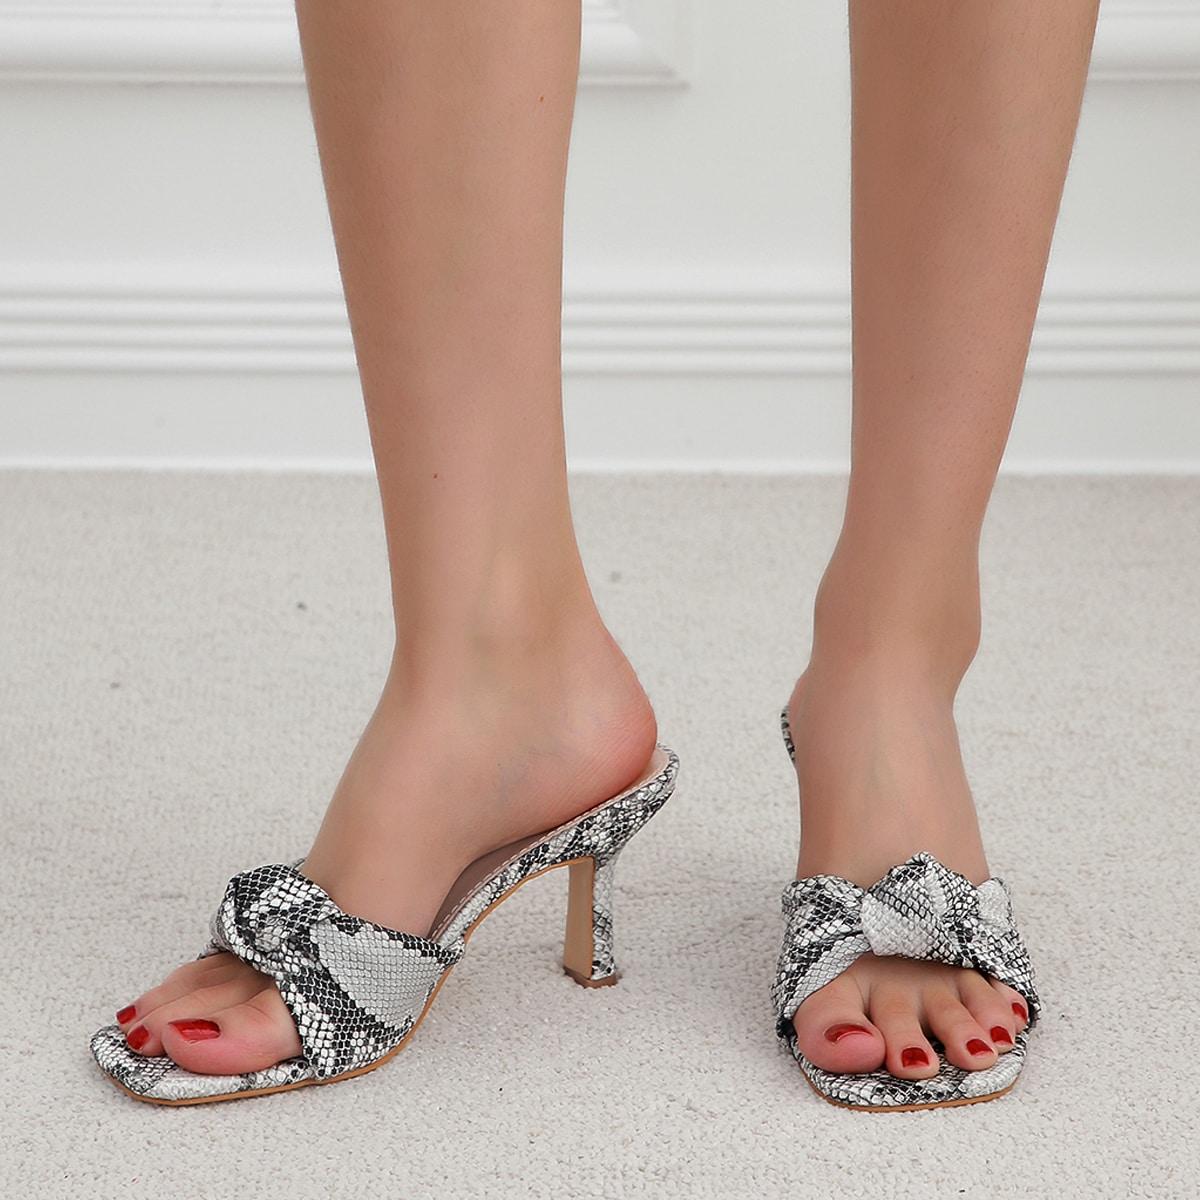 Snakeskin Print Knot Design Sandal Mules